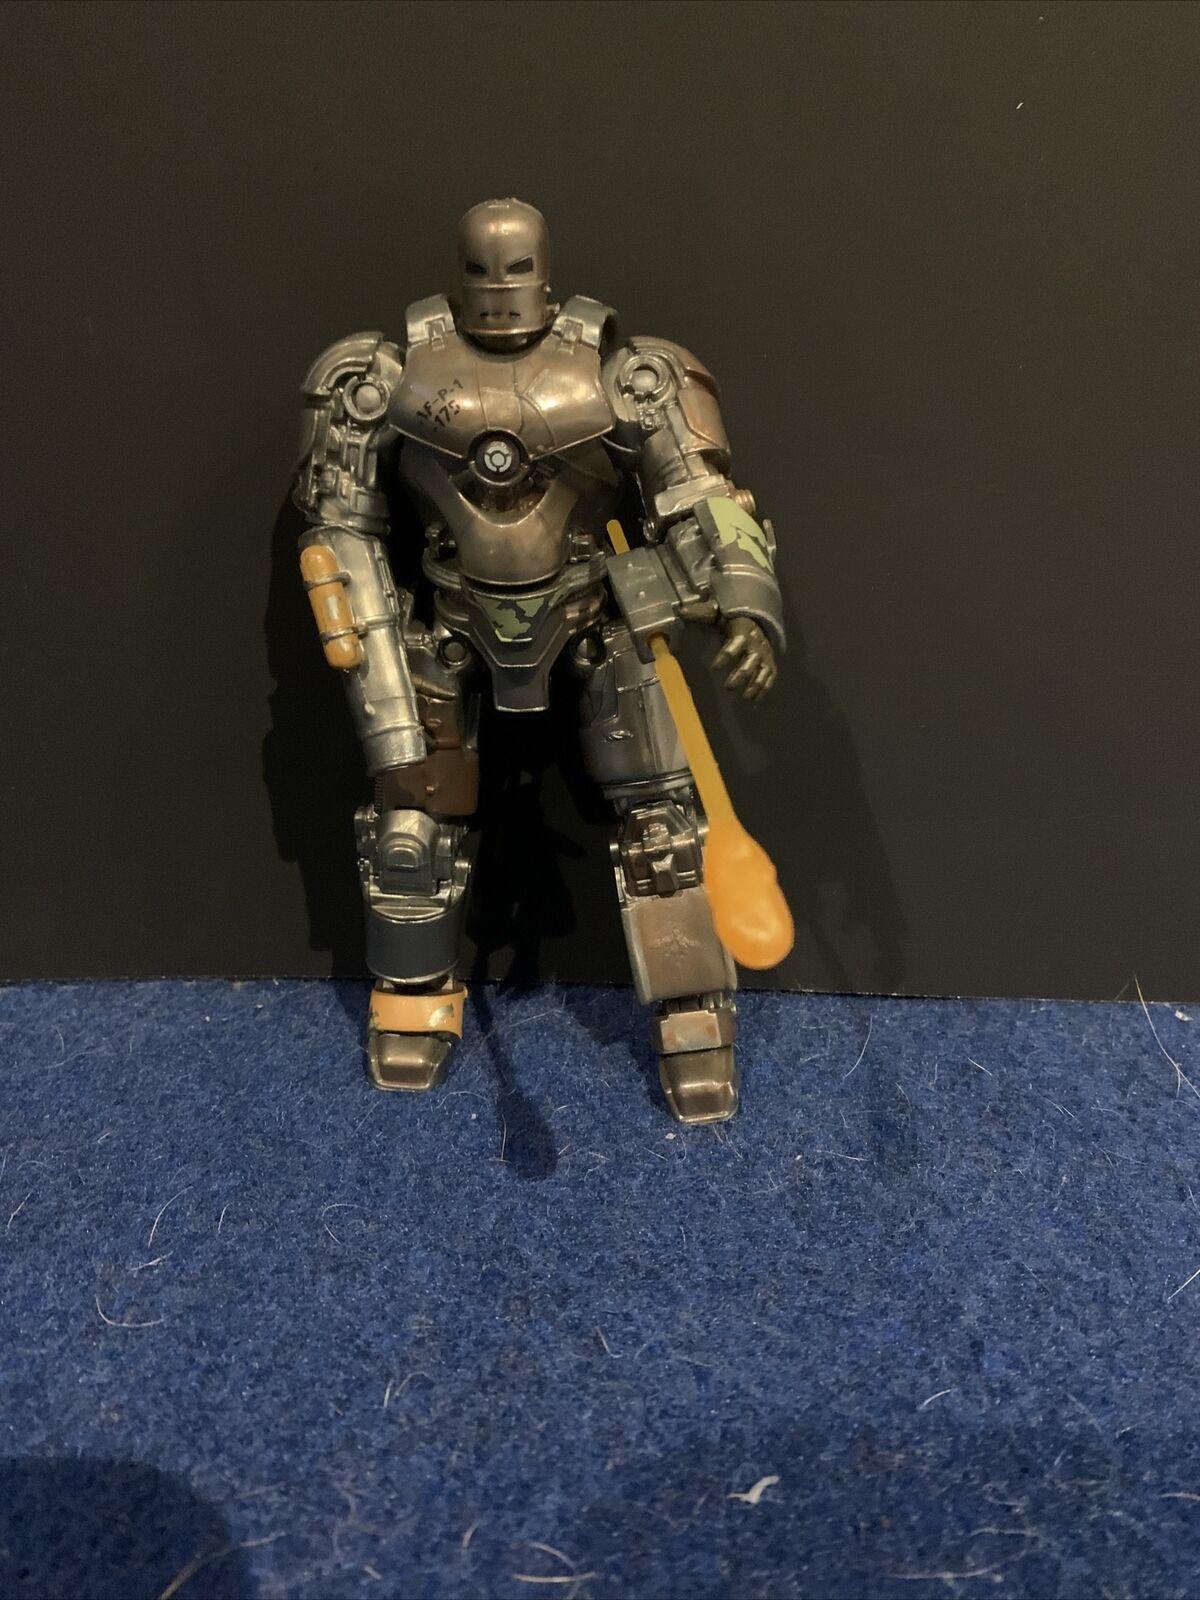 Marvel Legends First Ten Years Iron Man Mark 1  Loose Studios Hasbro on eBay thumbnail